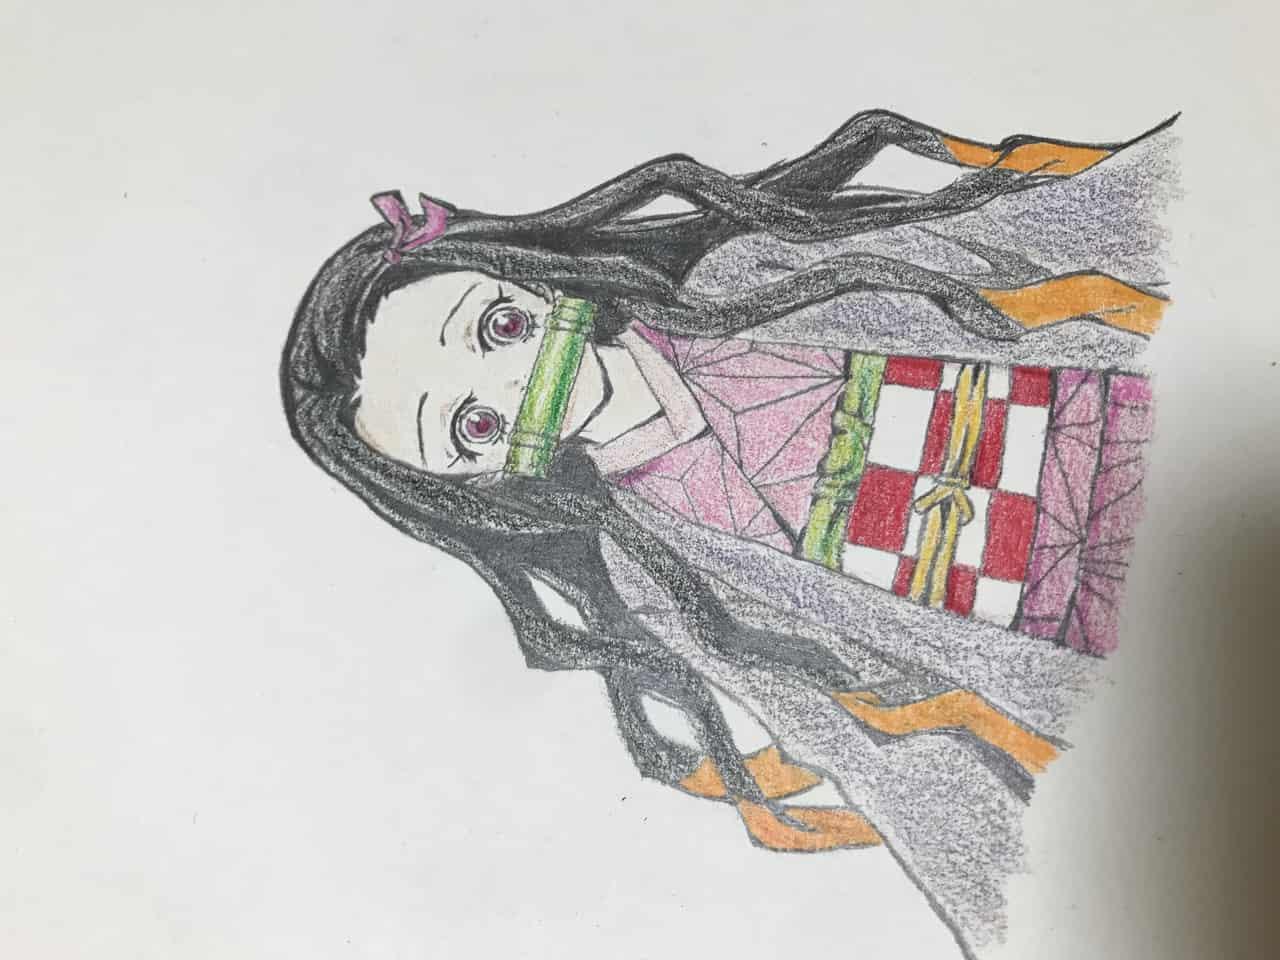 ねずこ Illust of なっちゃん KimetsunoYaiba illustration KamadoNezuko 模写